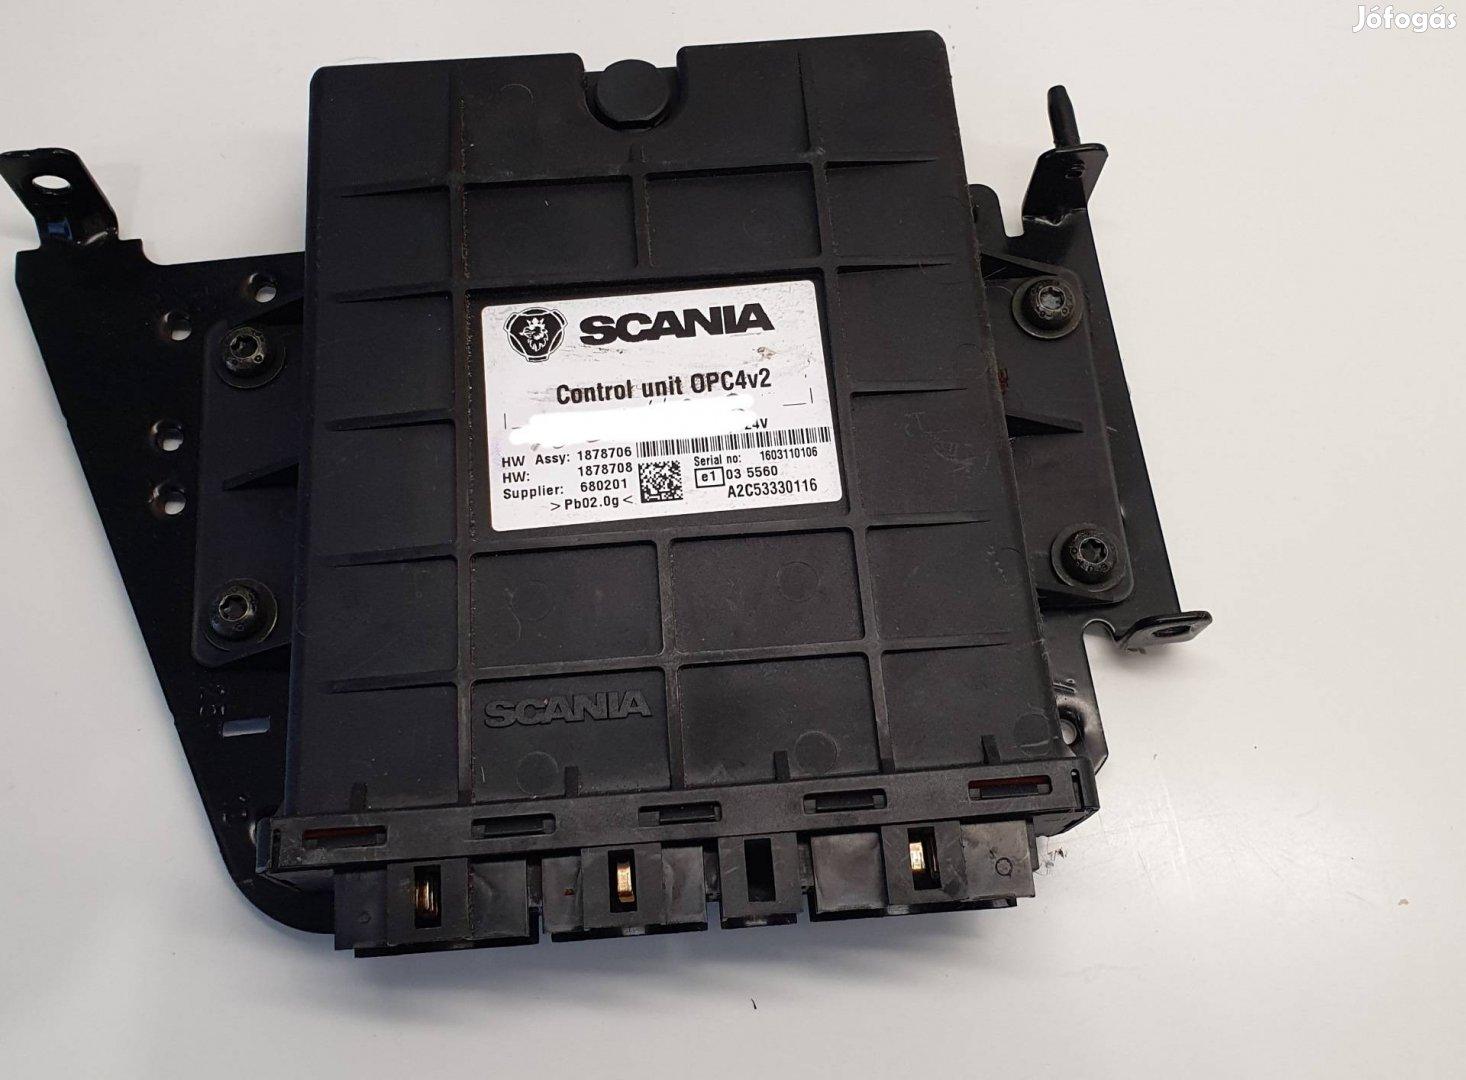 Scania OPC váltóvezérlő elektronika javítása, eladása